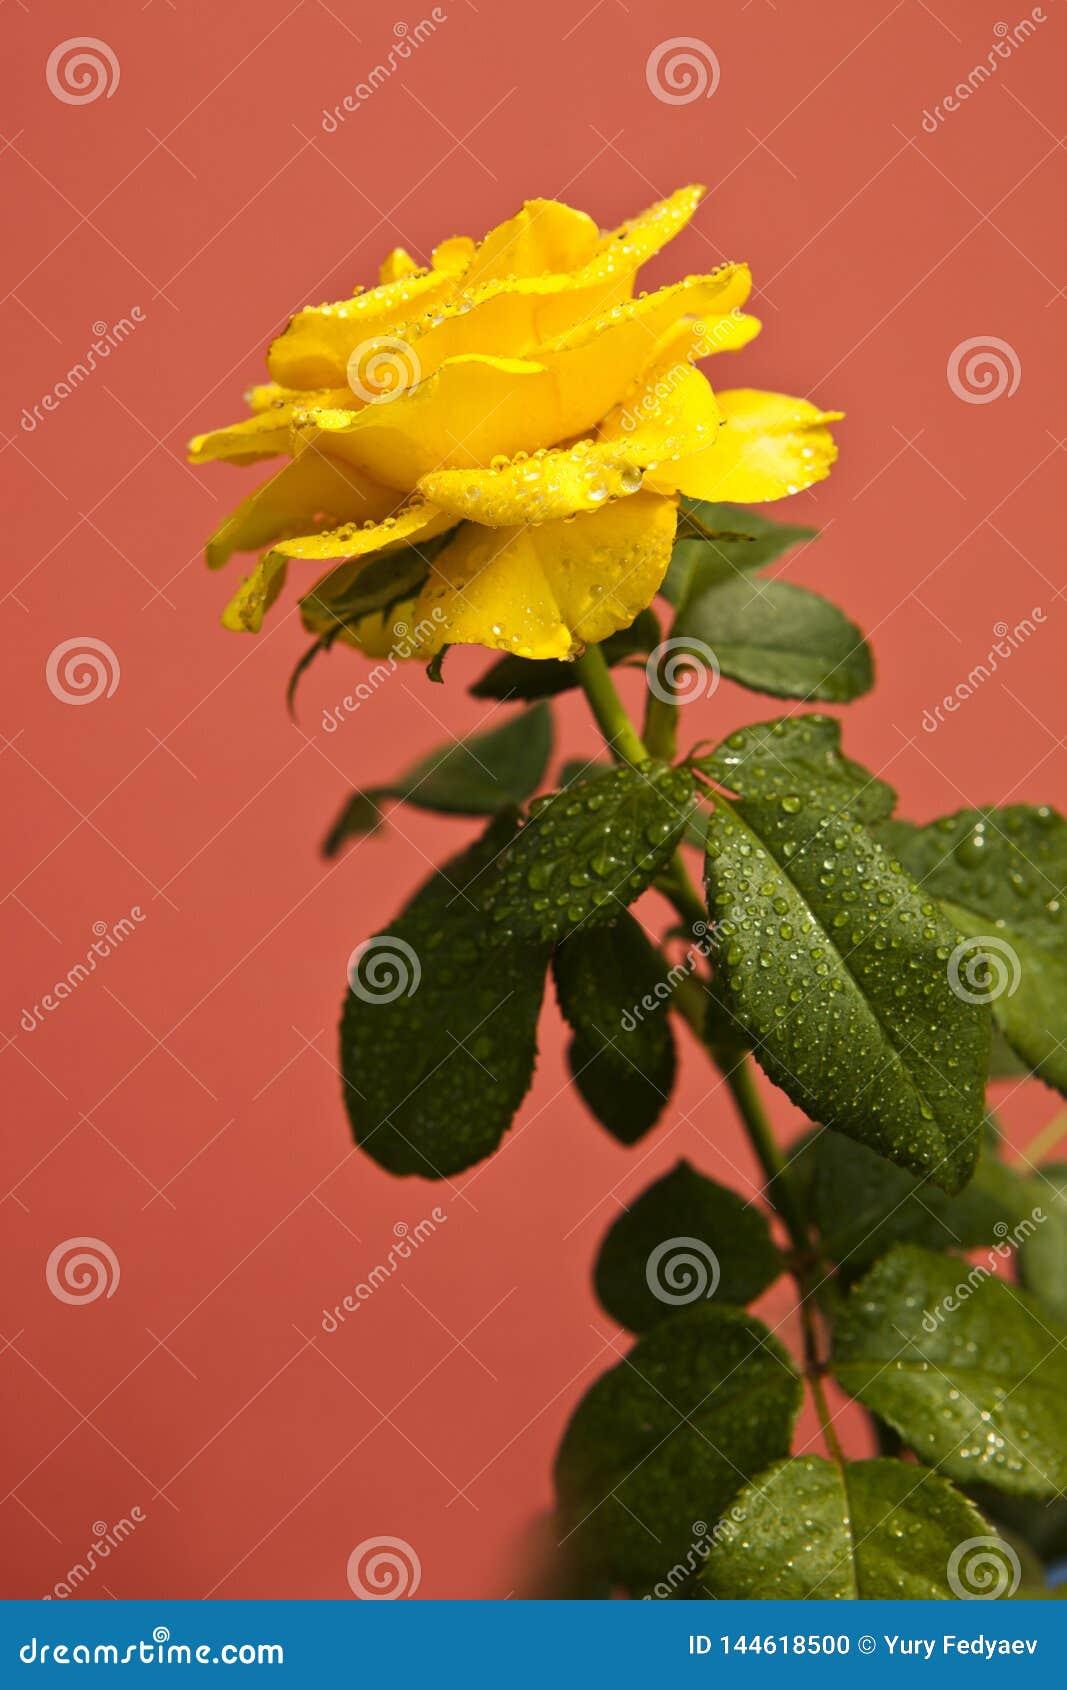 De gele rozen op roze achtergrond, rozen helder, vrolijk en blij betekenen leiden tot warm gevoel en verstrekken geluk